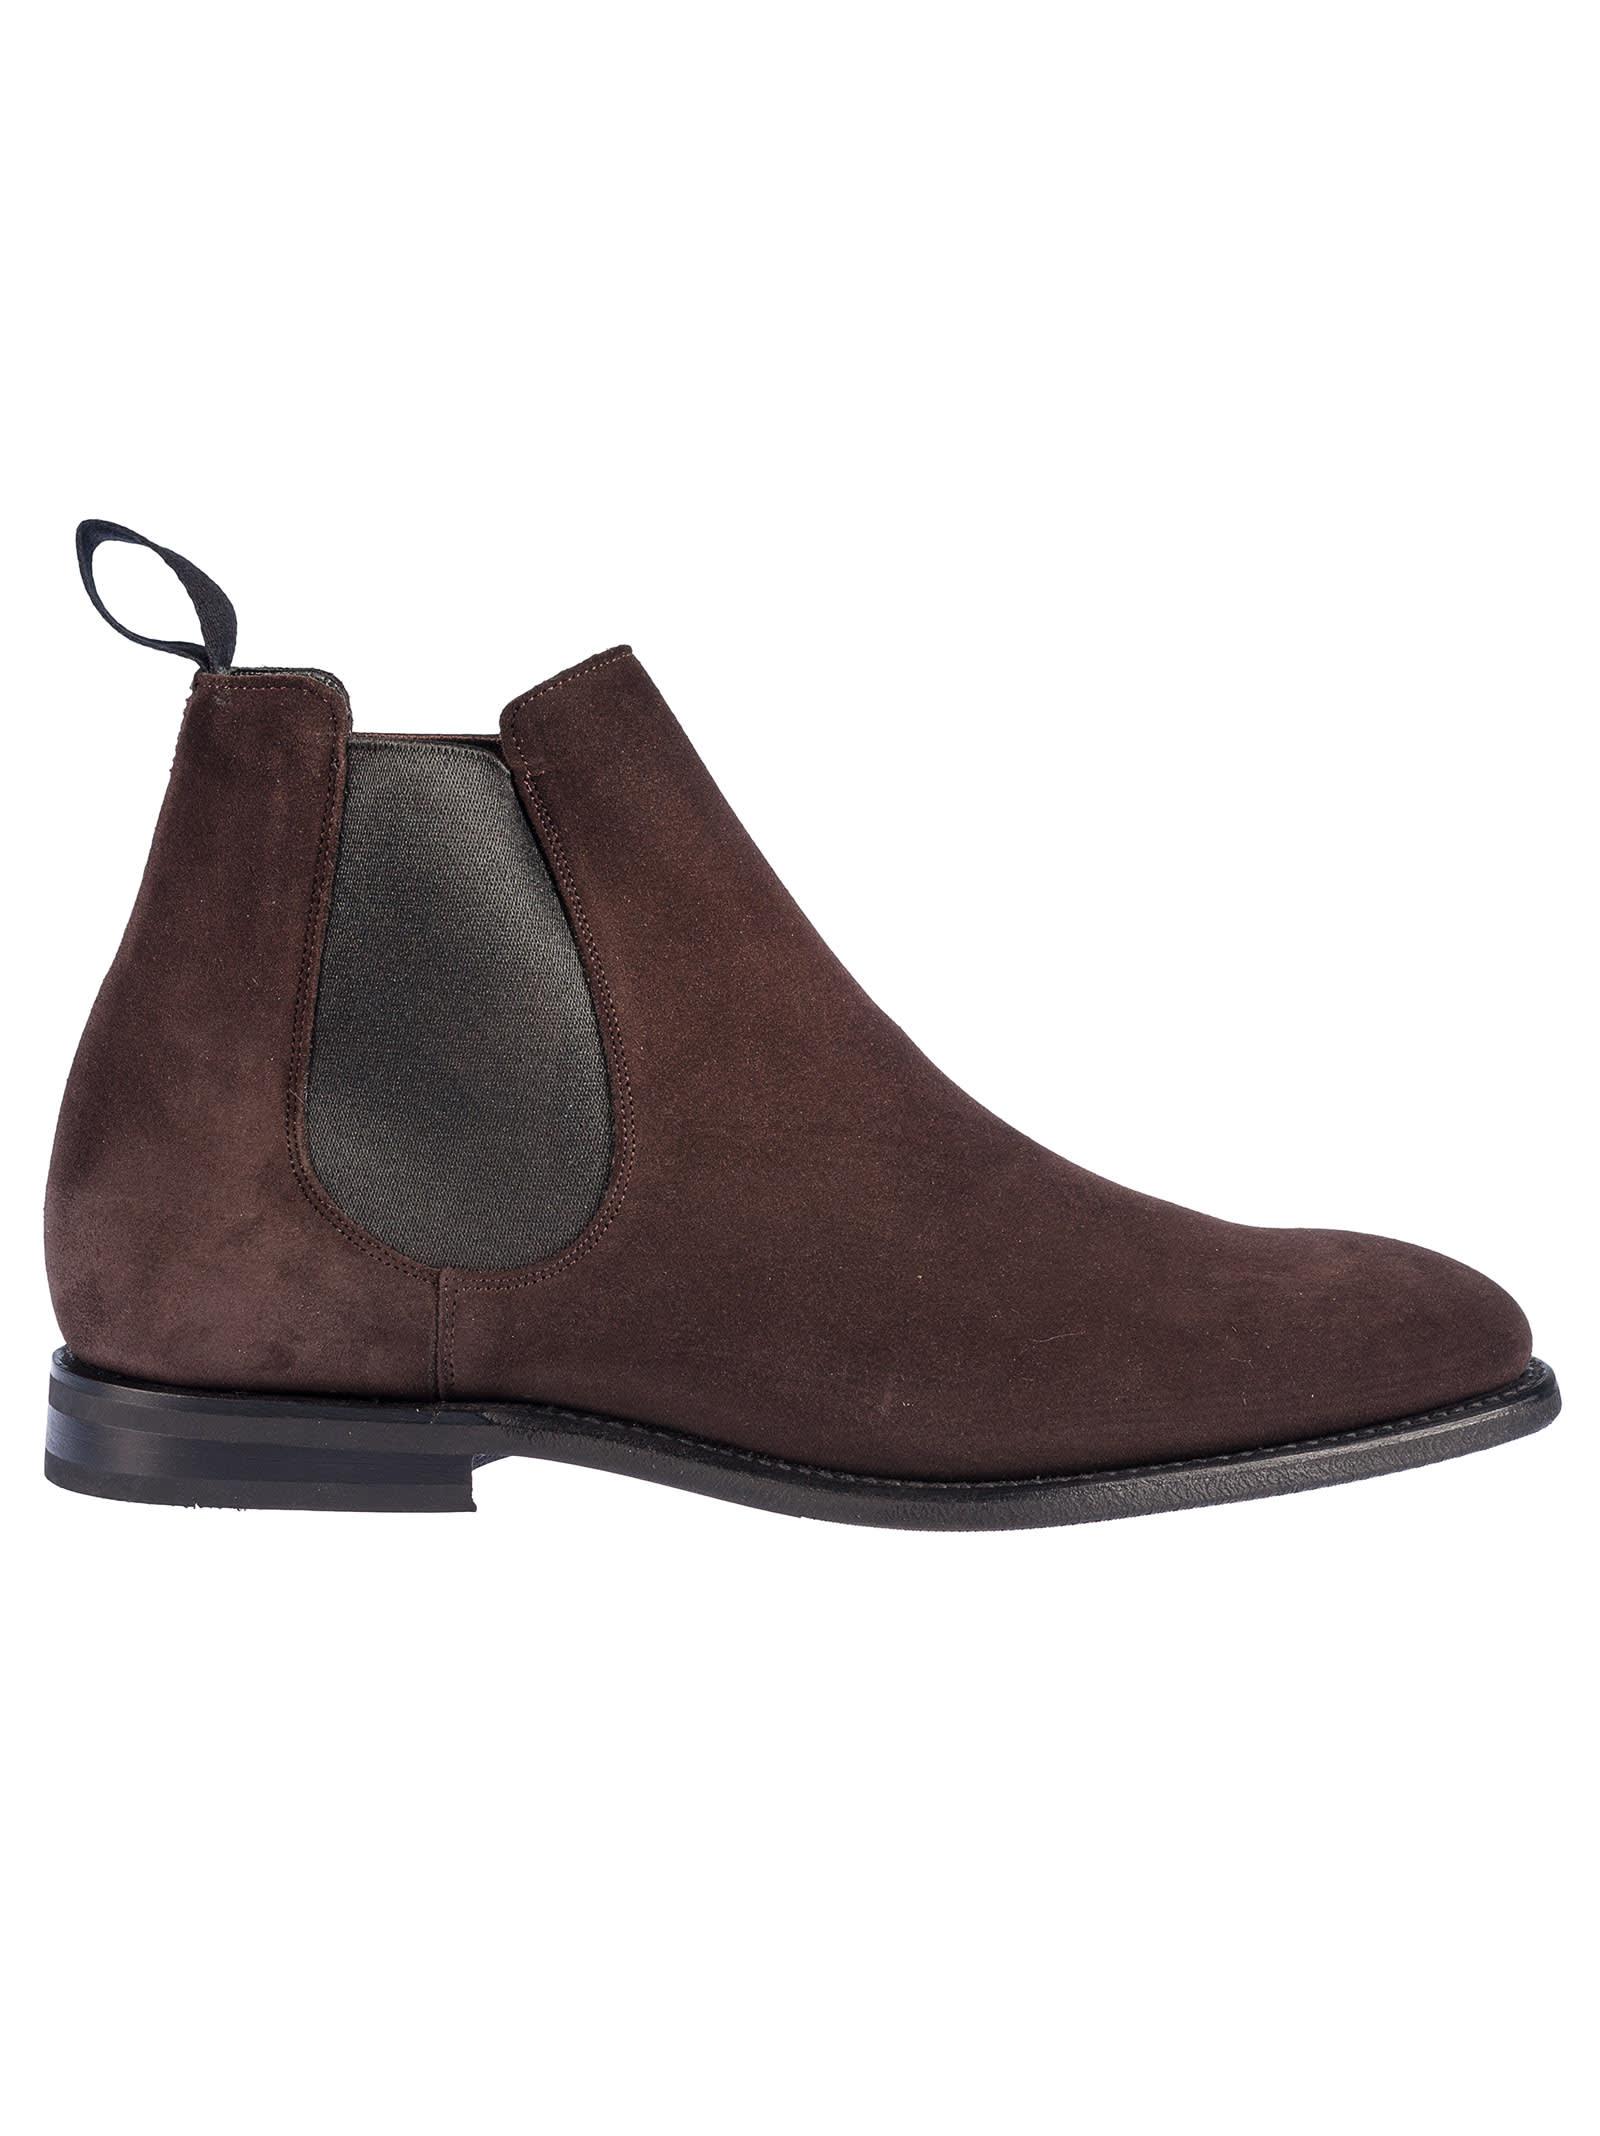 Churchs Prenton Boots